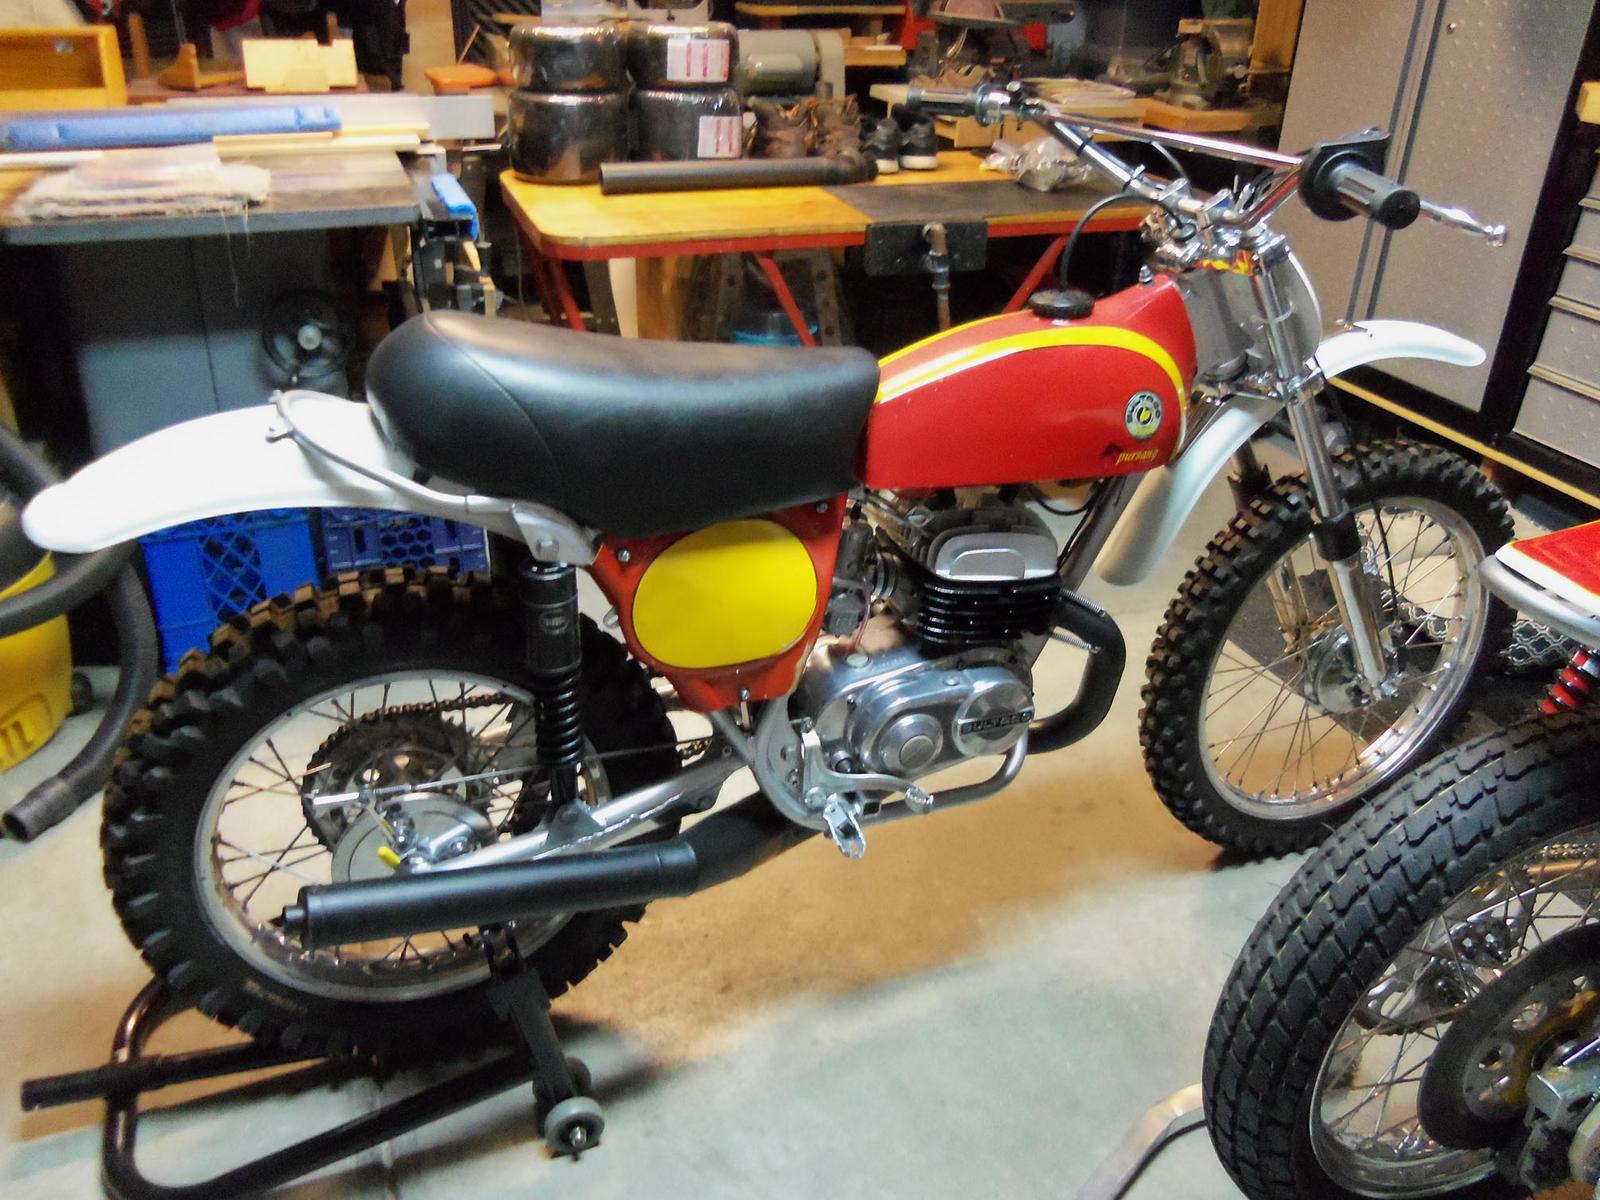 Bultaco Astro Page 1